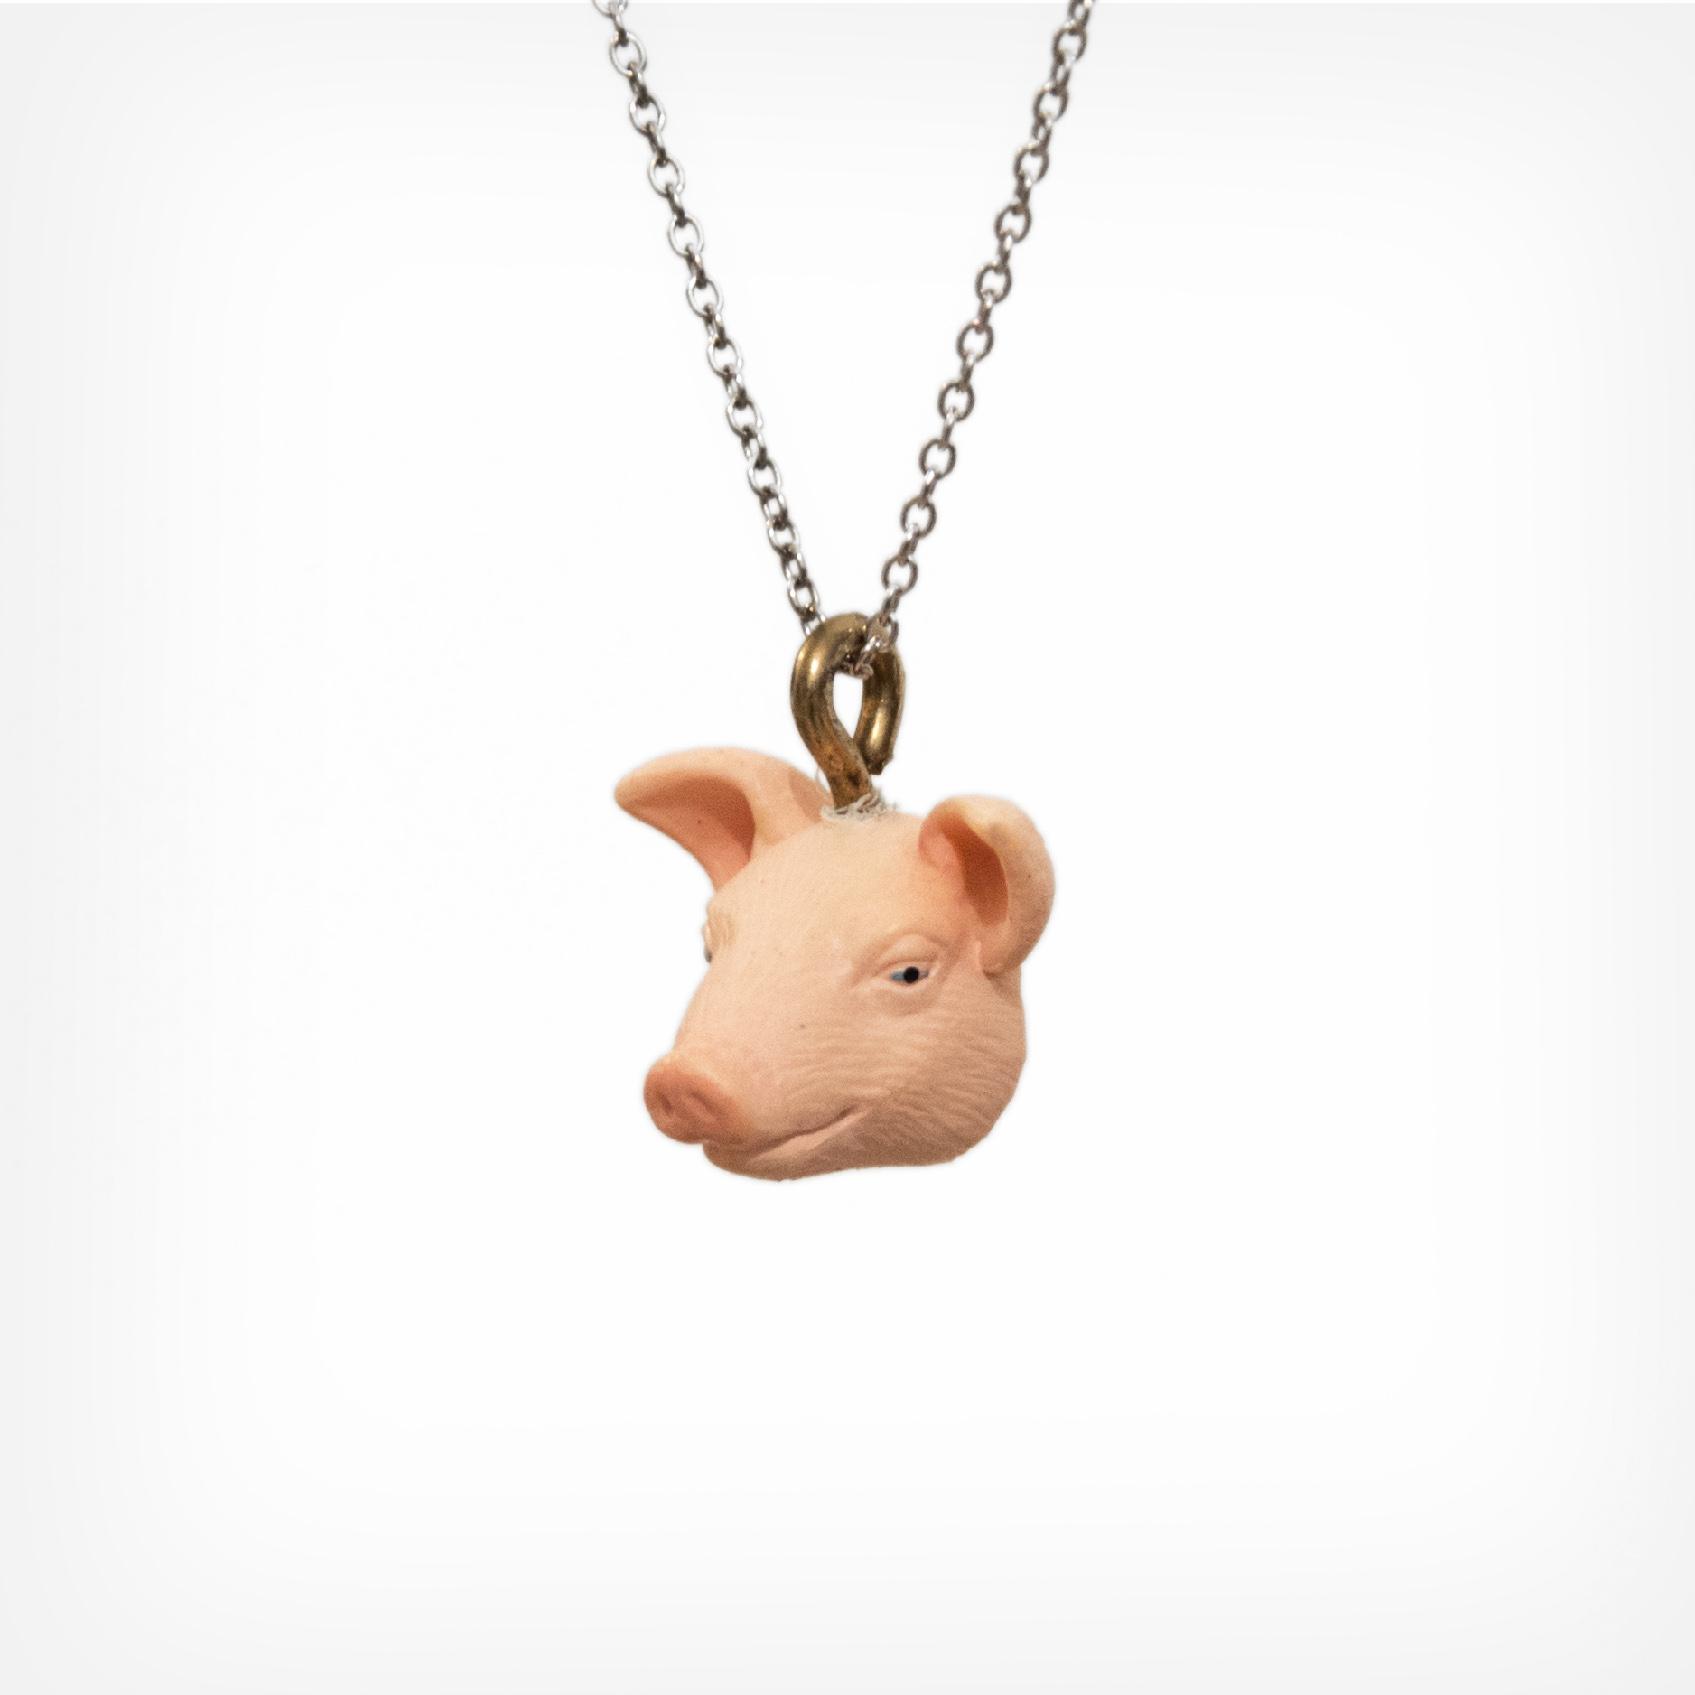 Schwein | pig